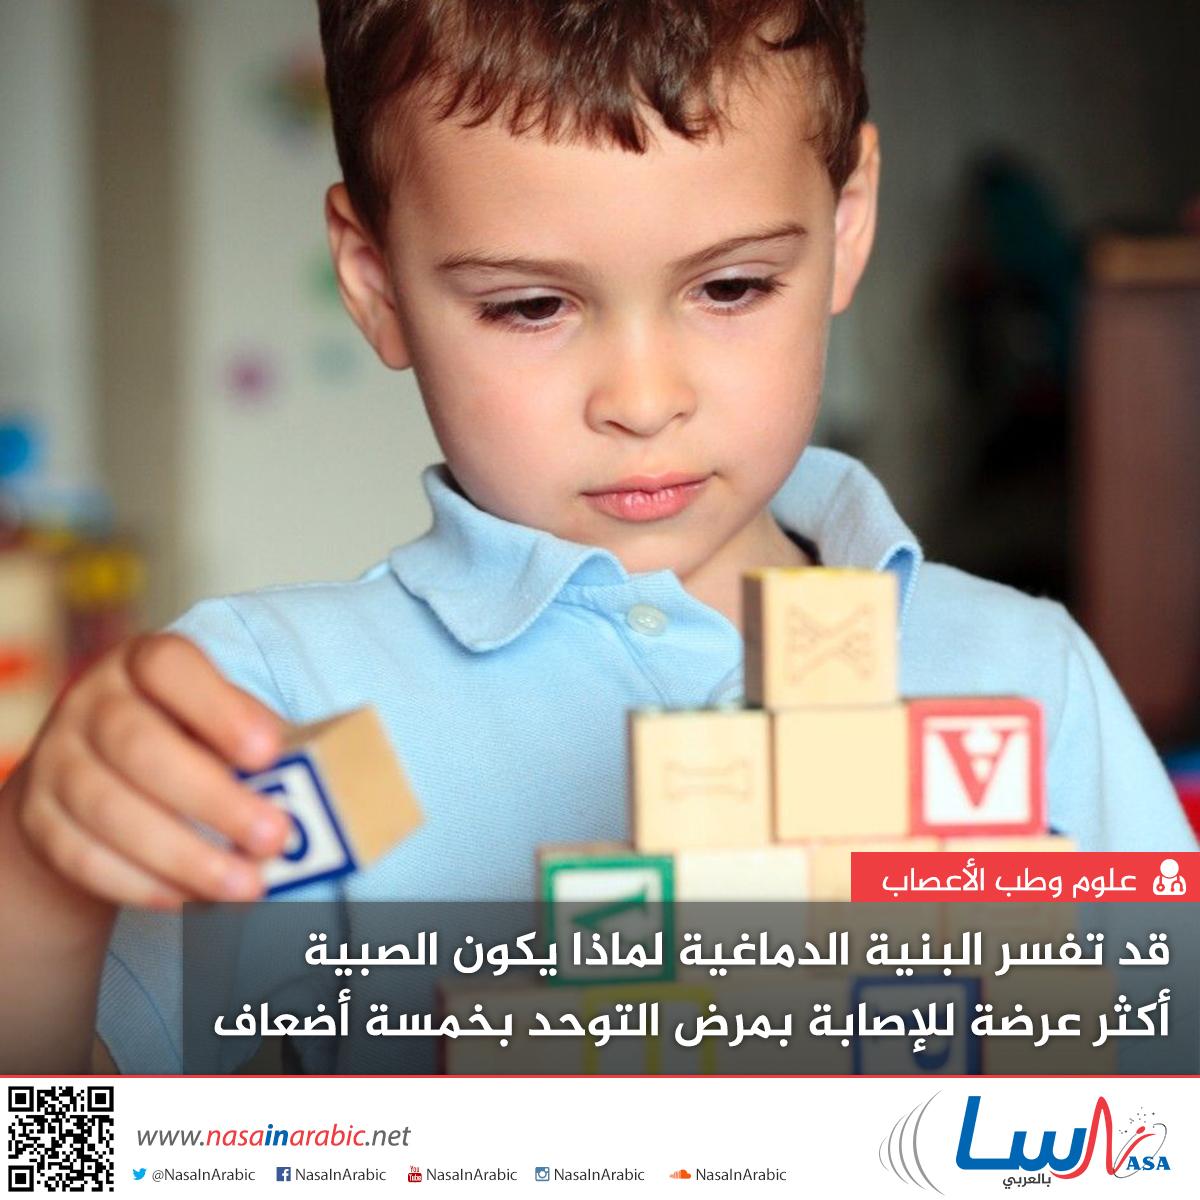 قد تفسر البنية الدماغية لماذا يكون الصبية أكثر عرضة للإصابة بمرض التوحد بخمسة أضعاف